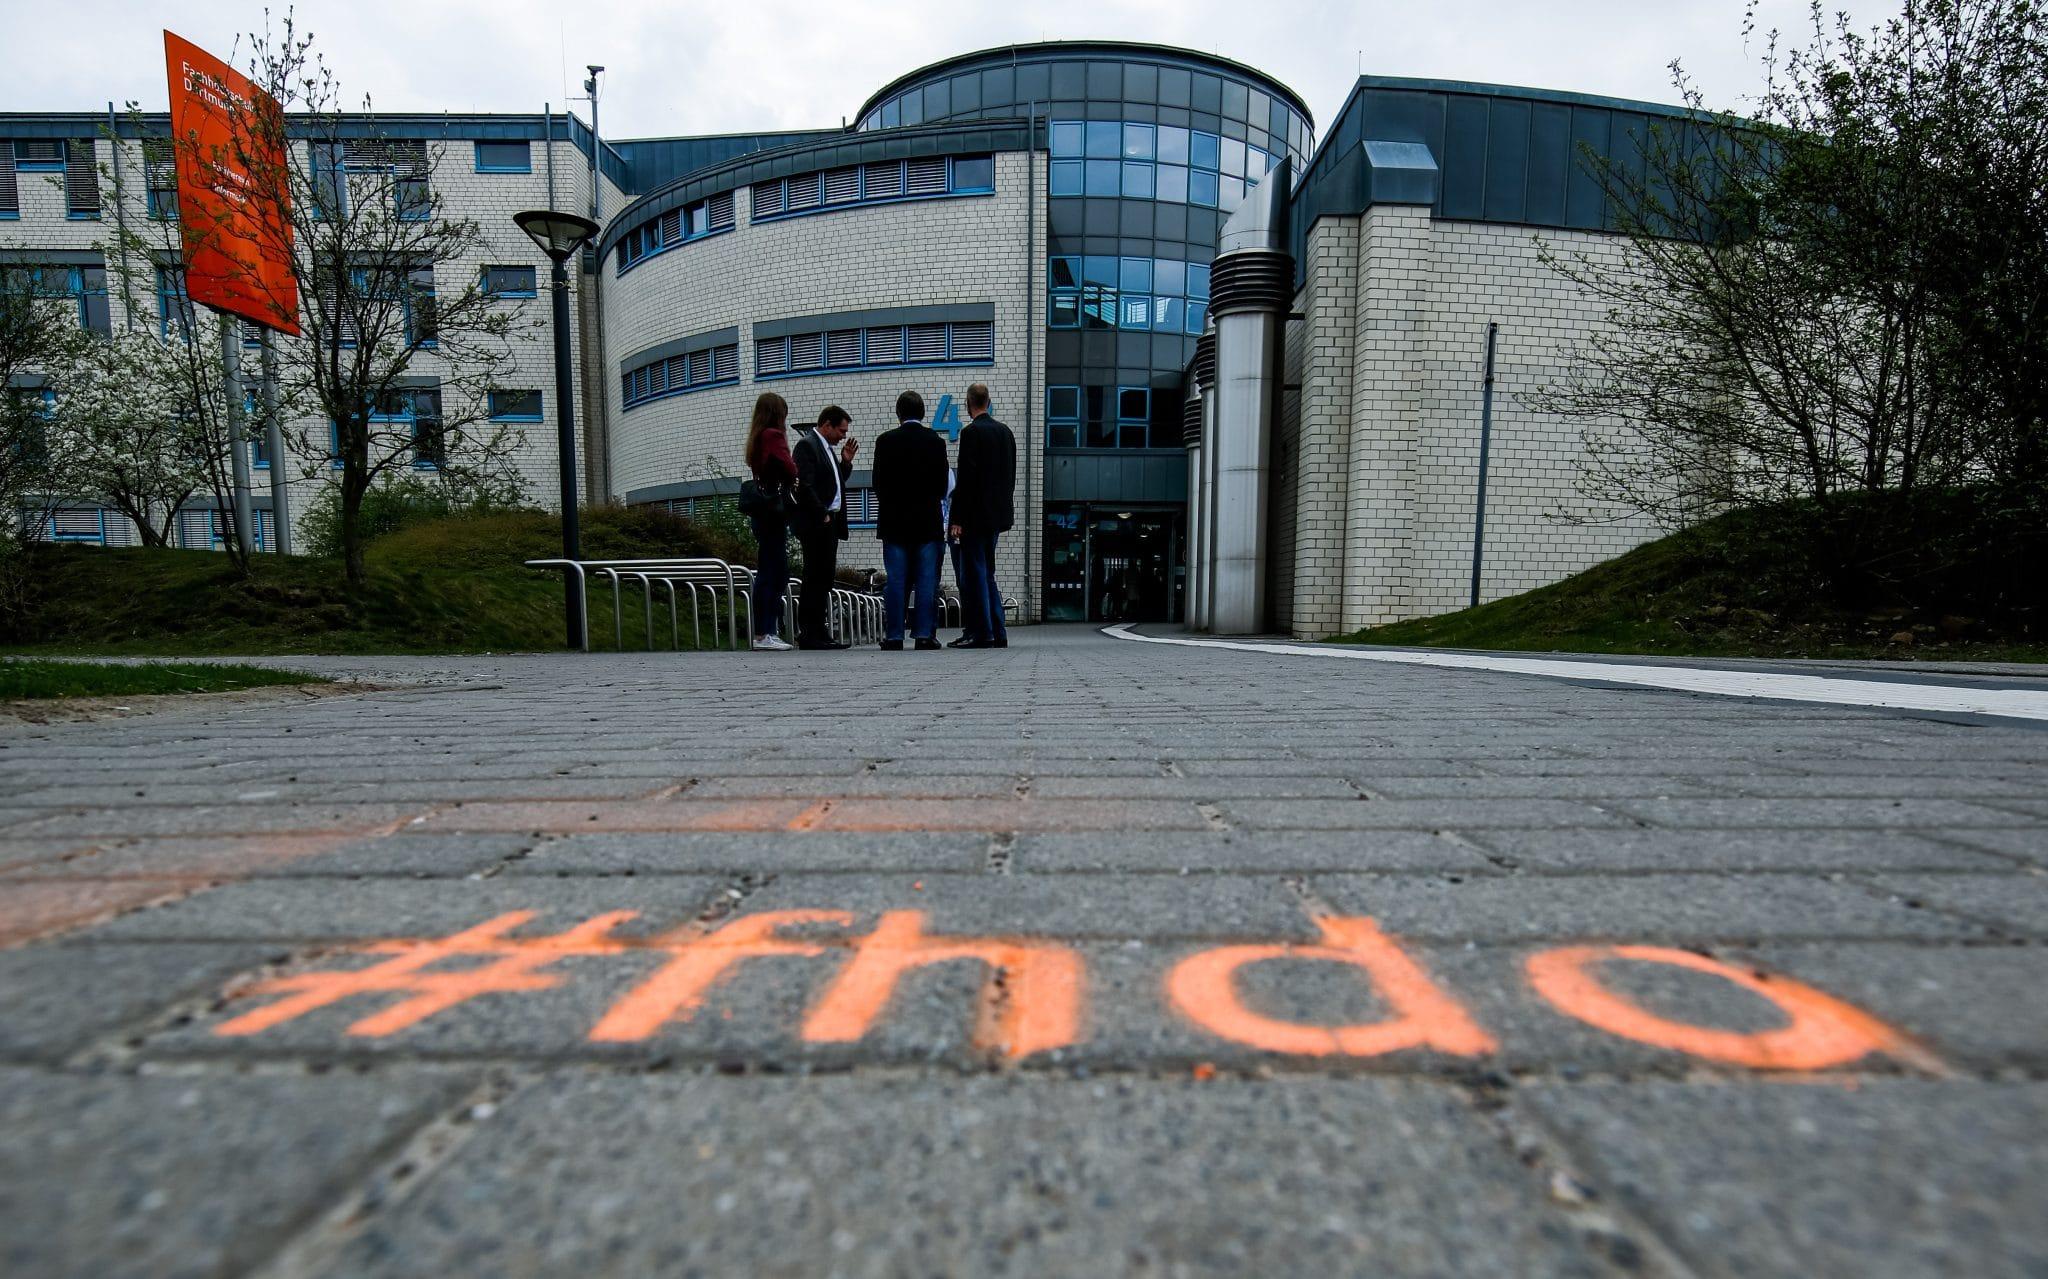 Die FH Dortmund berät Studieninteressierte per Videochat, Mail und Telefon. (Archivfoto: Wir in Dortmund)